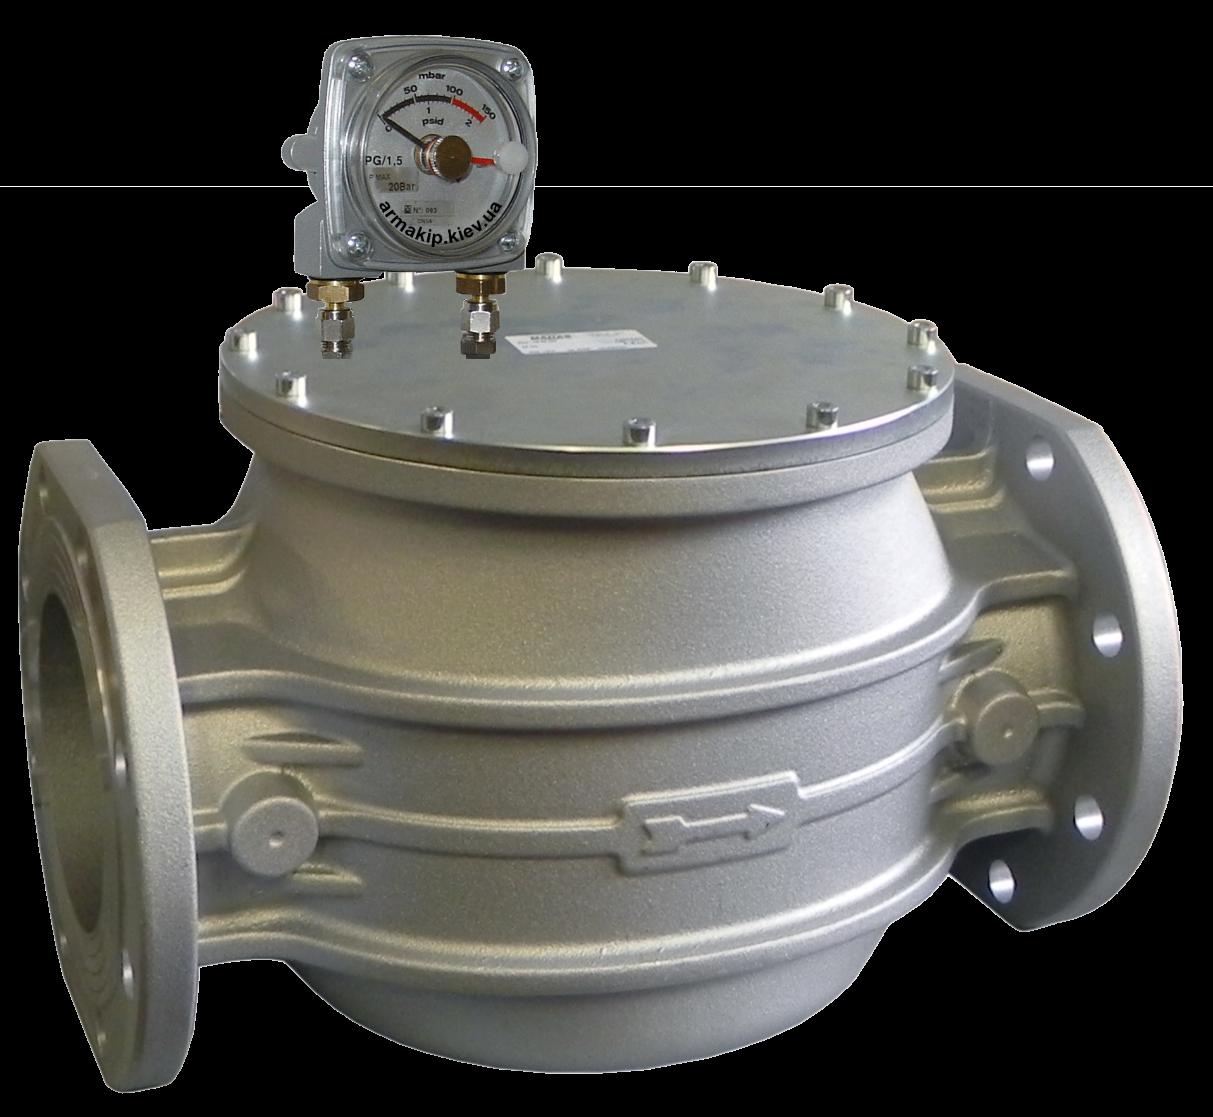 Фильтр газовый FM, DN125, P=6 bar, MADAS (Мадас) с индикатором перепада давления